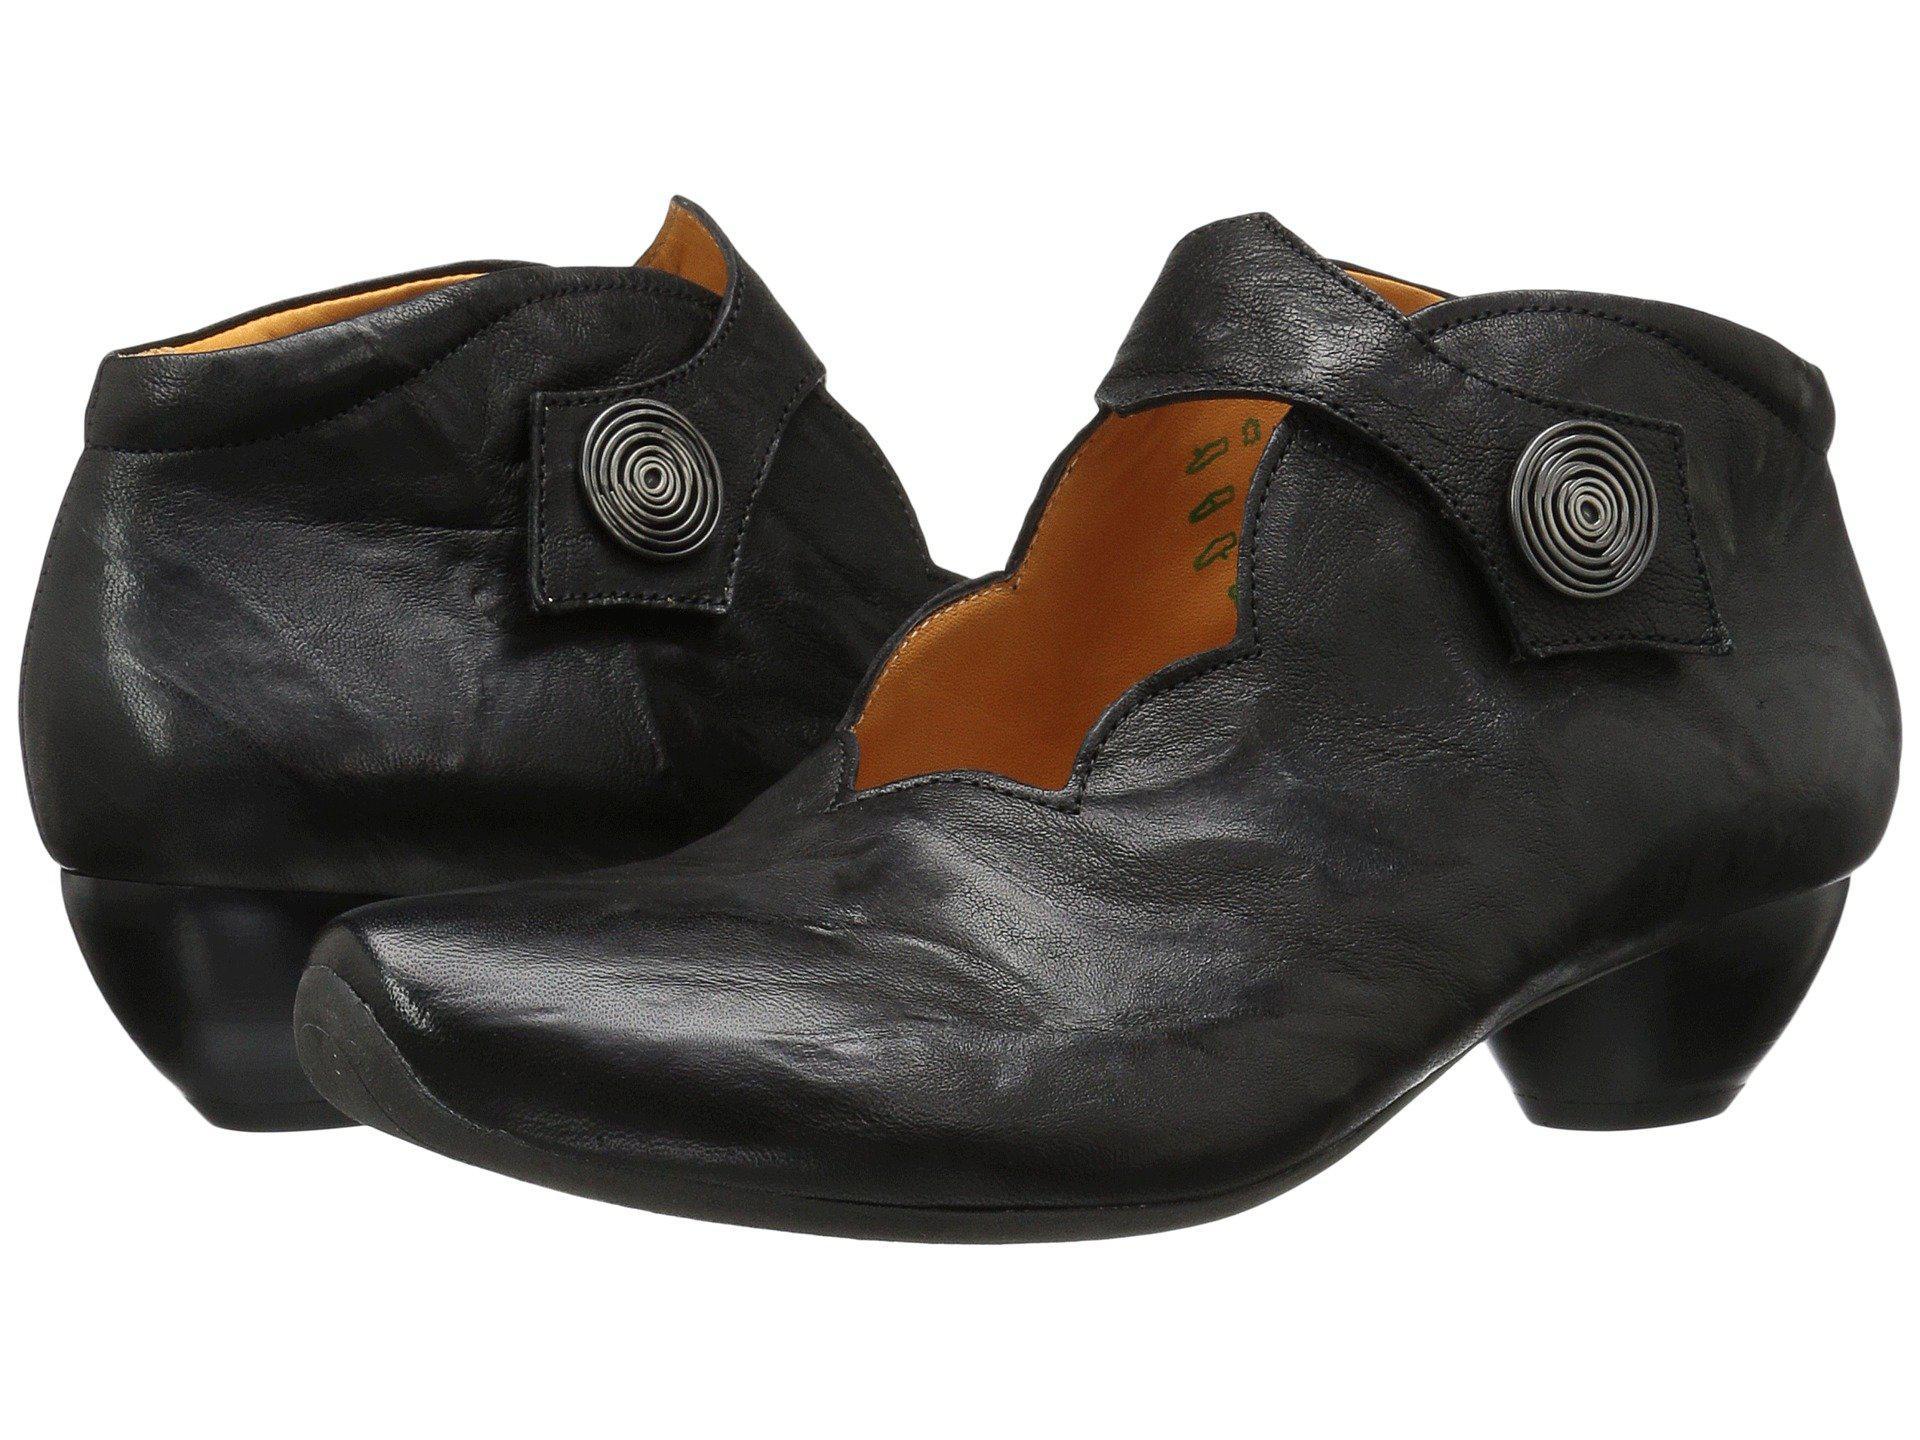 f3240fb17e81a1 Lyst - Think! Aida - 88259 (schwarz) Women s Maryjane Shoes in Black